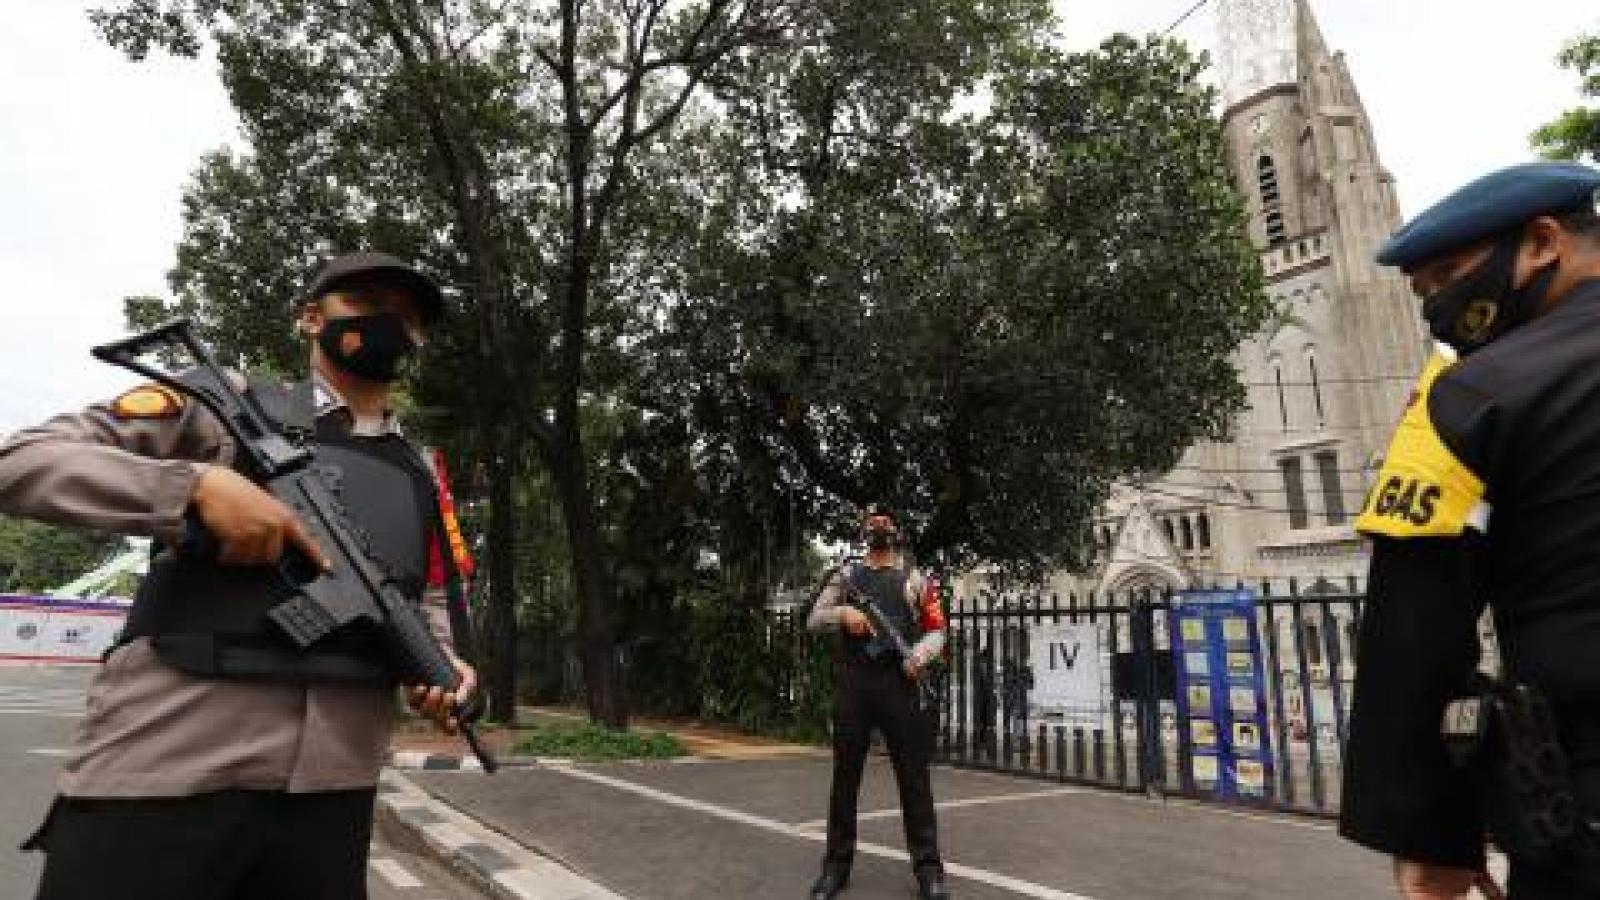 Indonesia huy động hơn 5.000 nhân viên an ninh bảo vệ 833 giáo đường sau vụ khủng bố